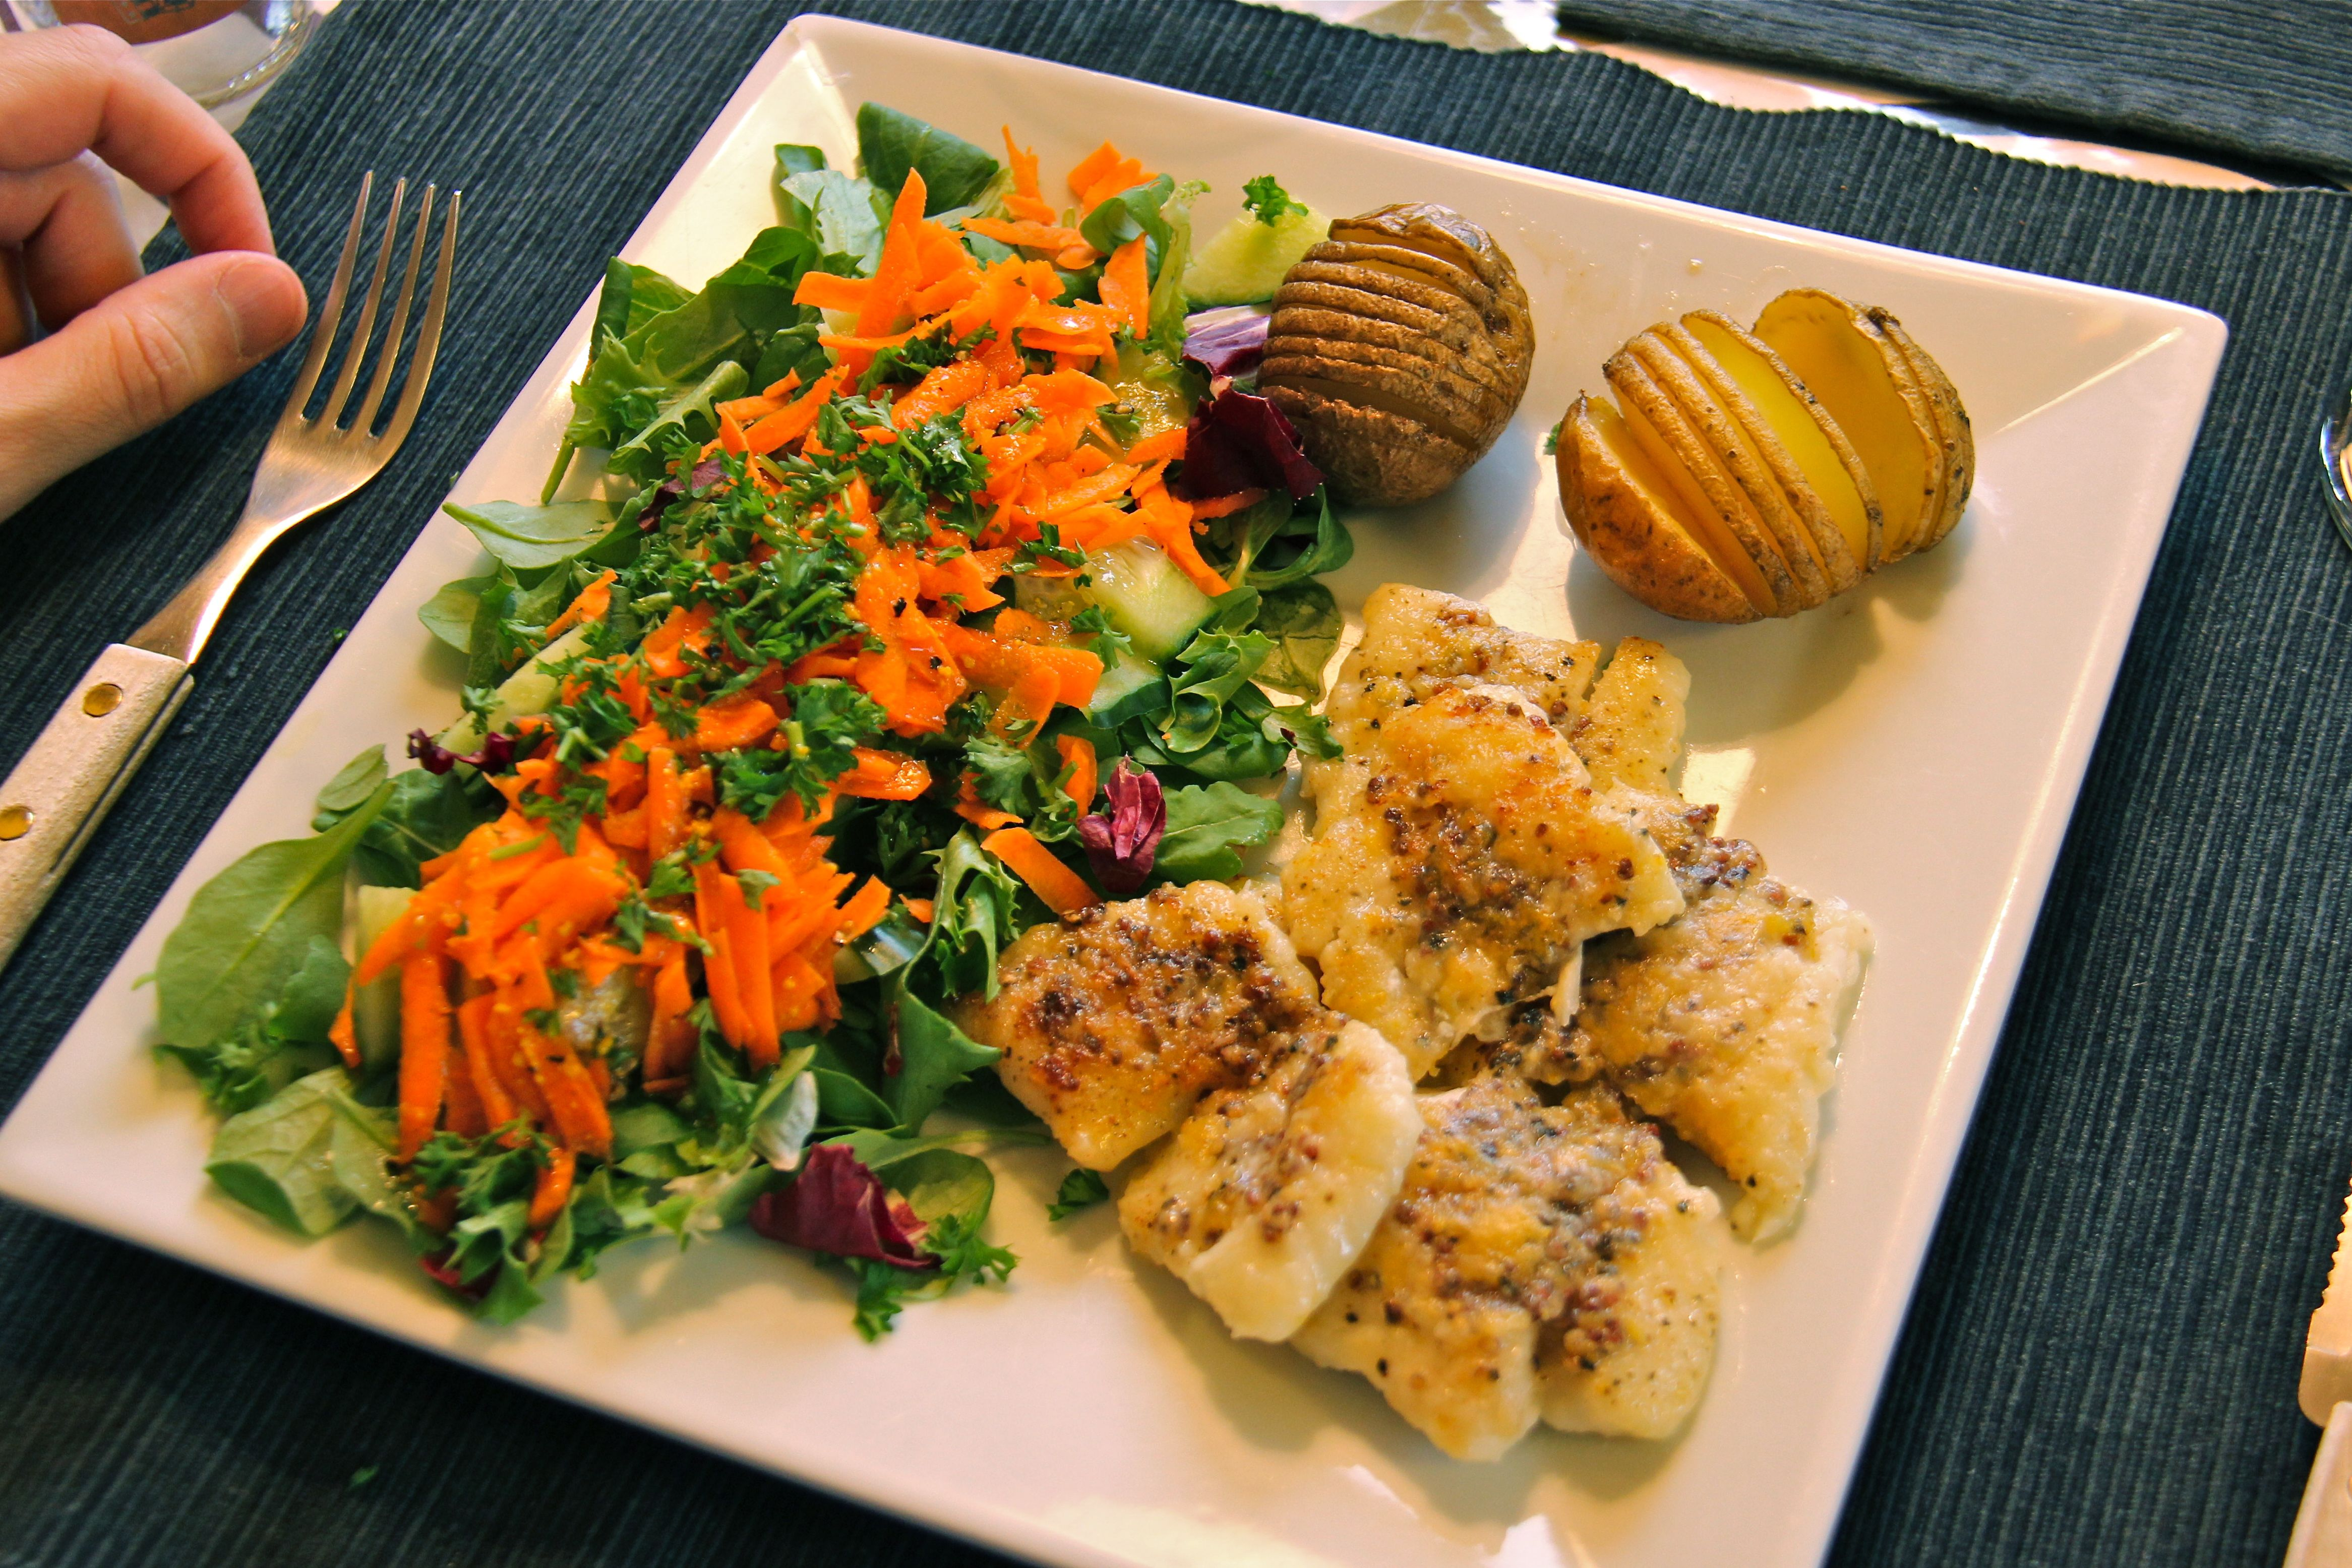 Le plat de Marcela : cabillaud citron et moutarde à l'ancienne, salade mixte et pommes de terre au four